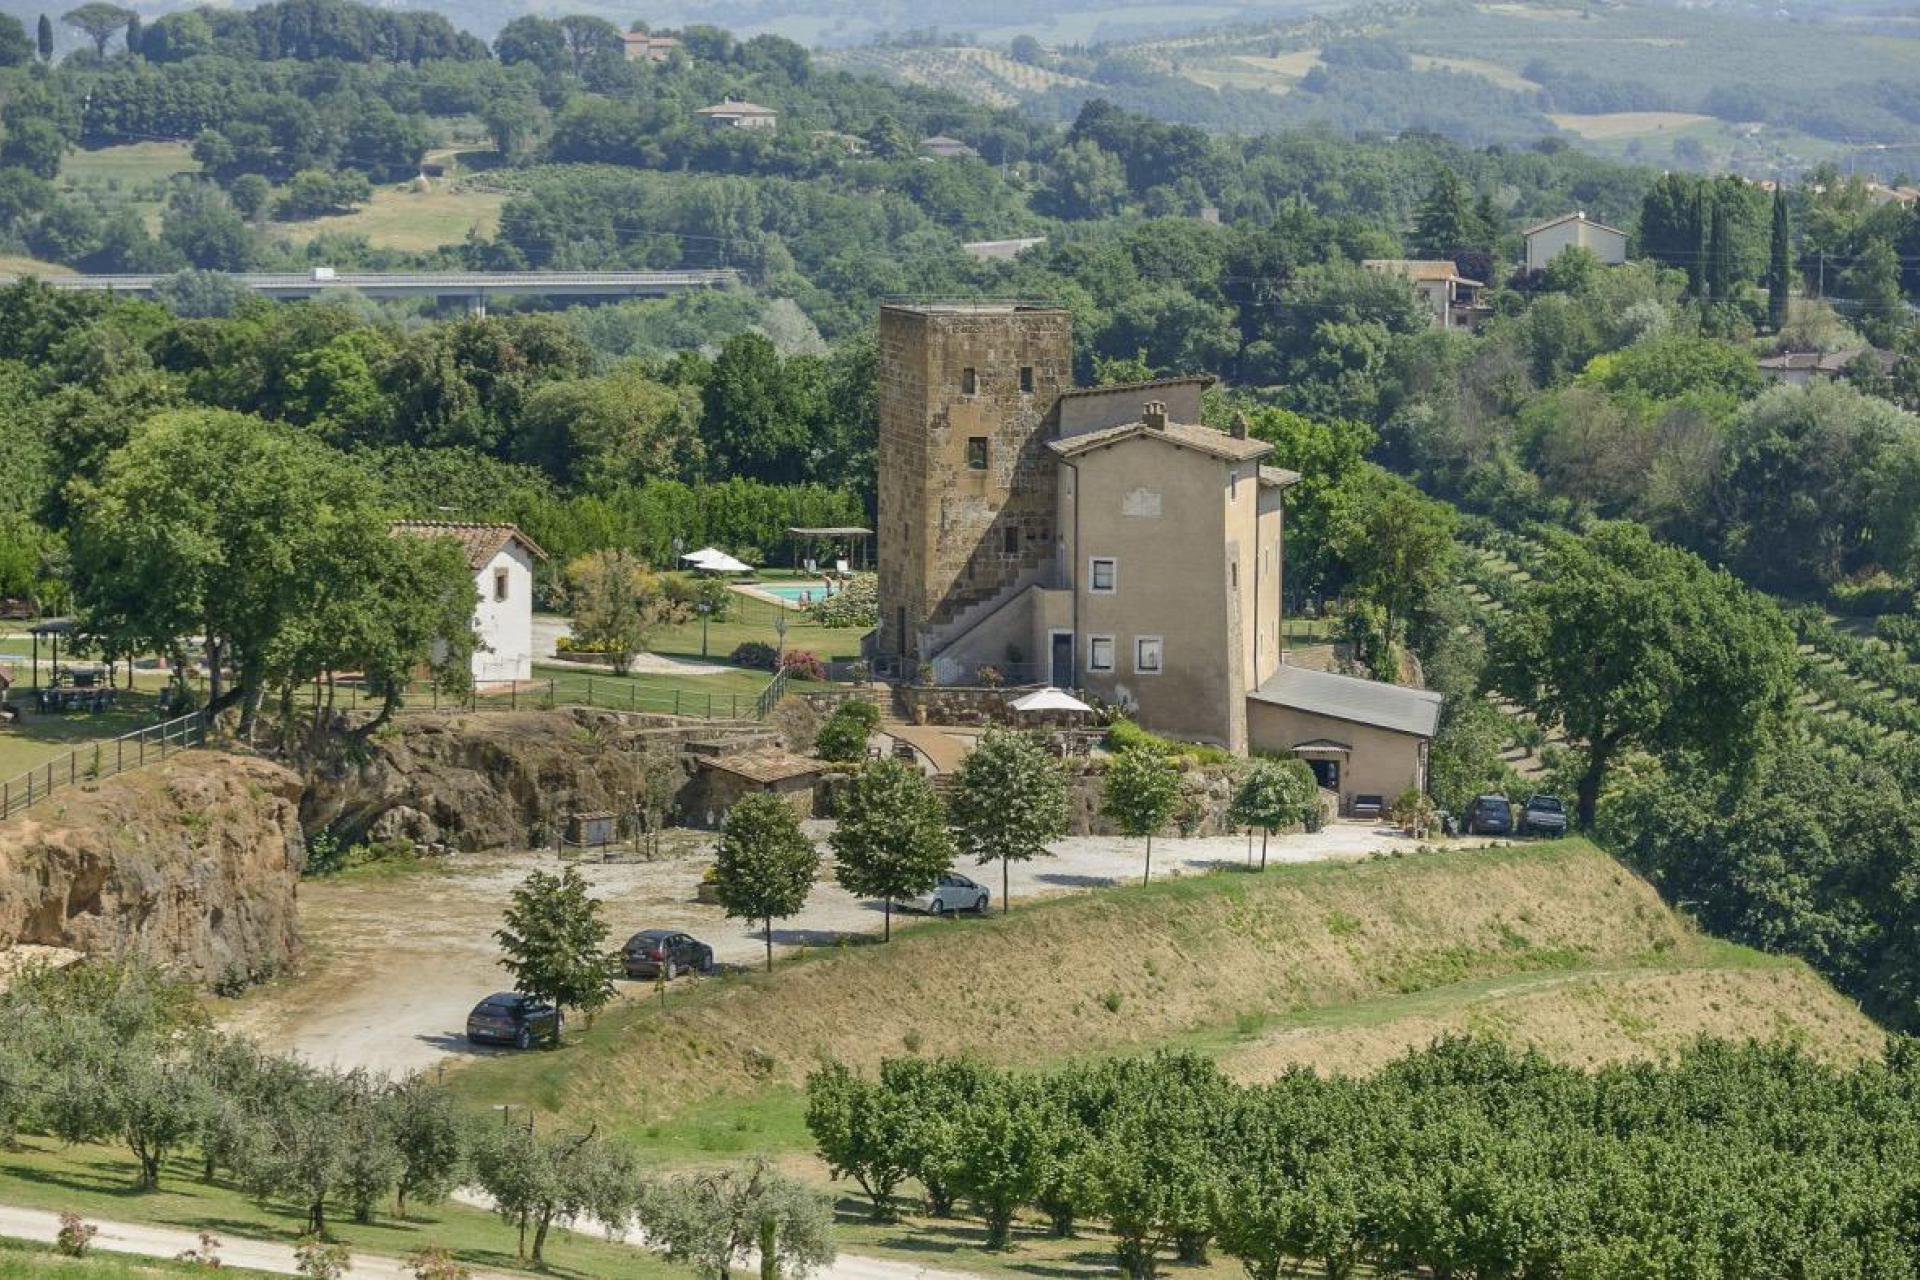 Agriturismo Rome griturismo near Rome in the sunny region of Lazio